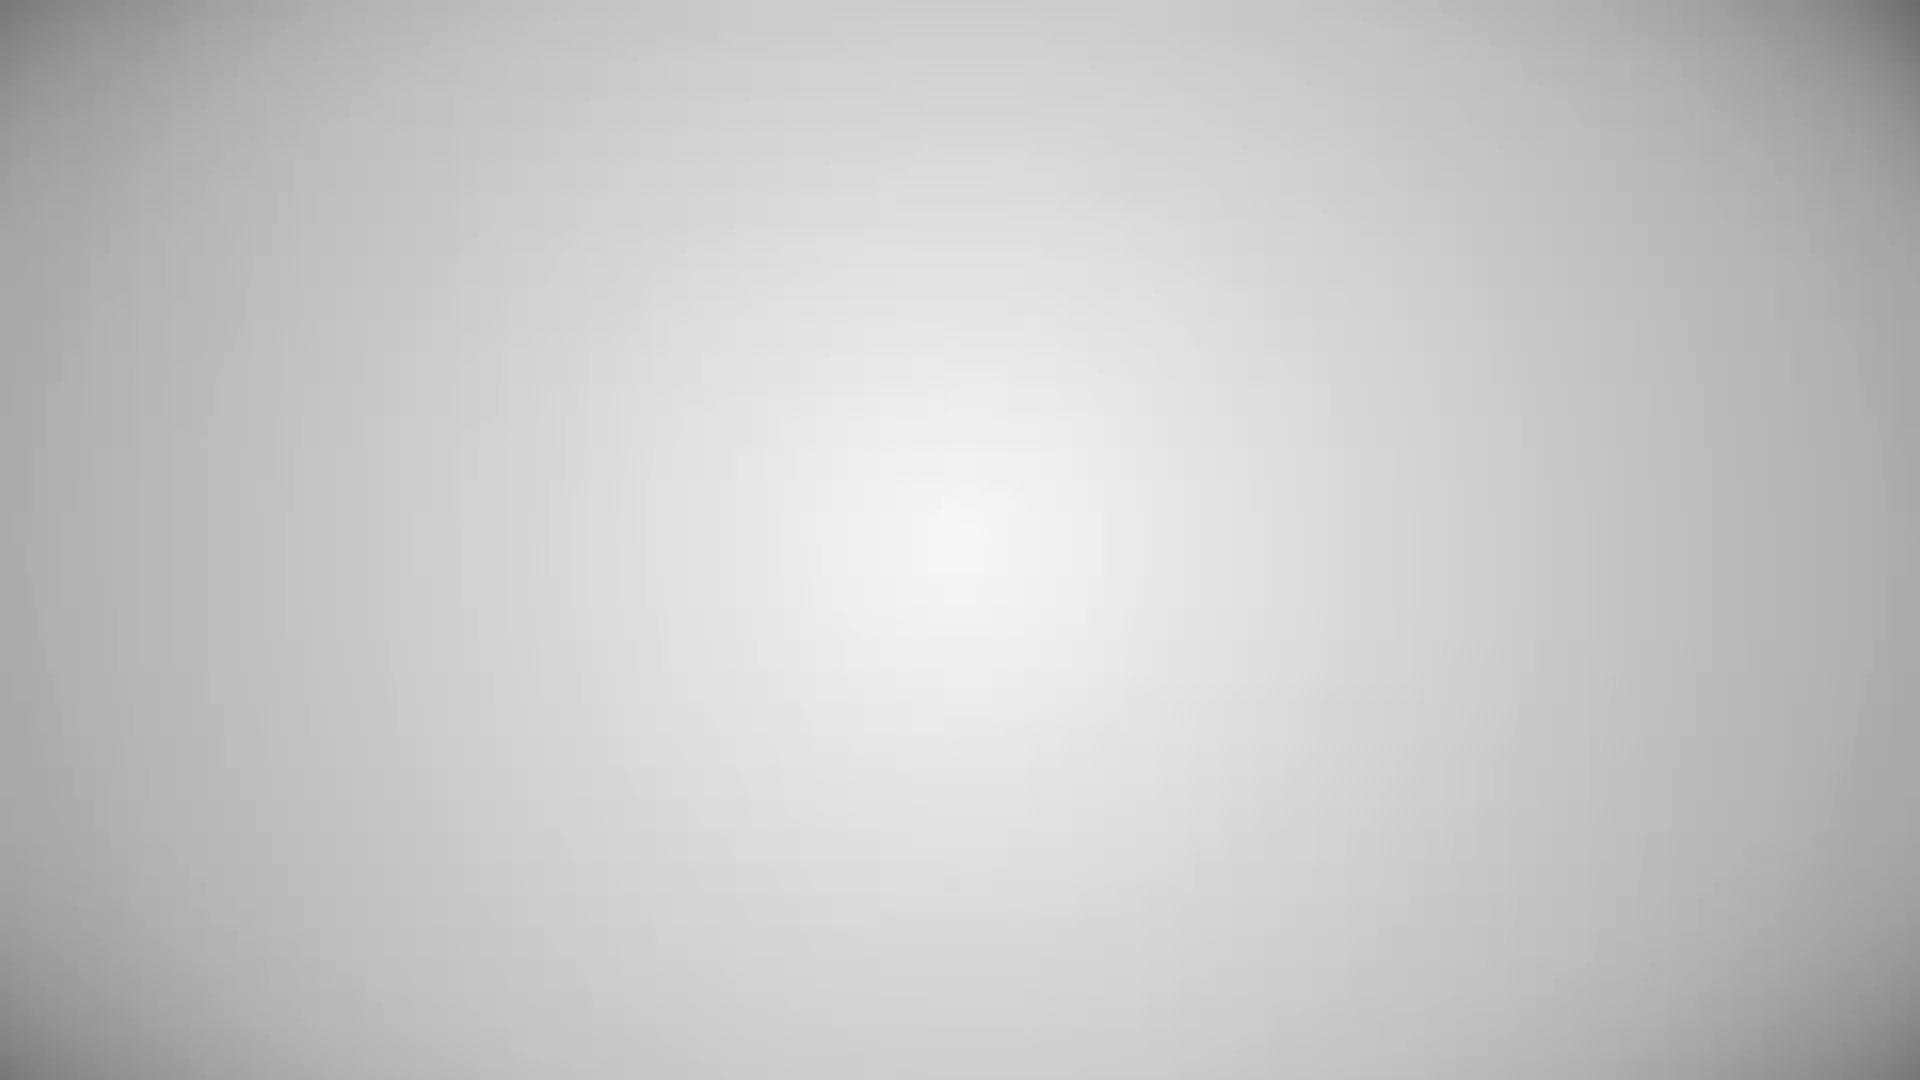 Белый фон в большом разрешении